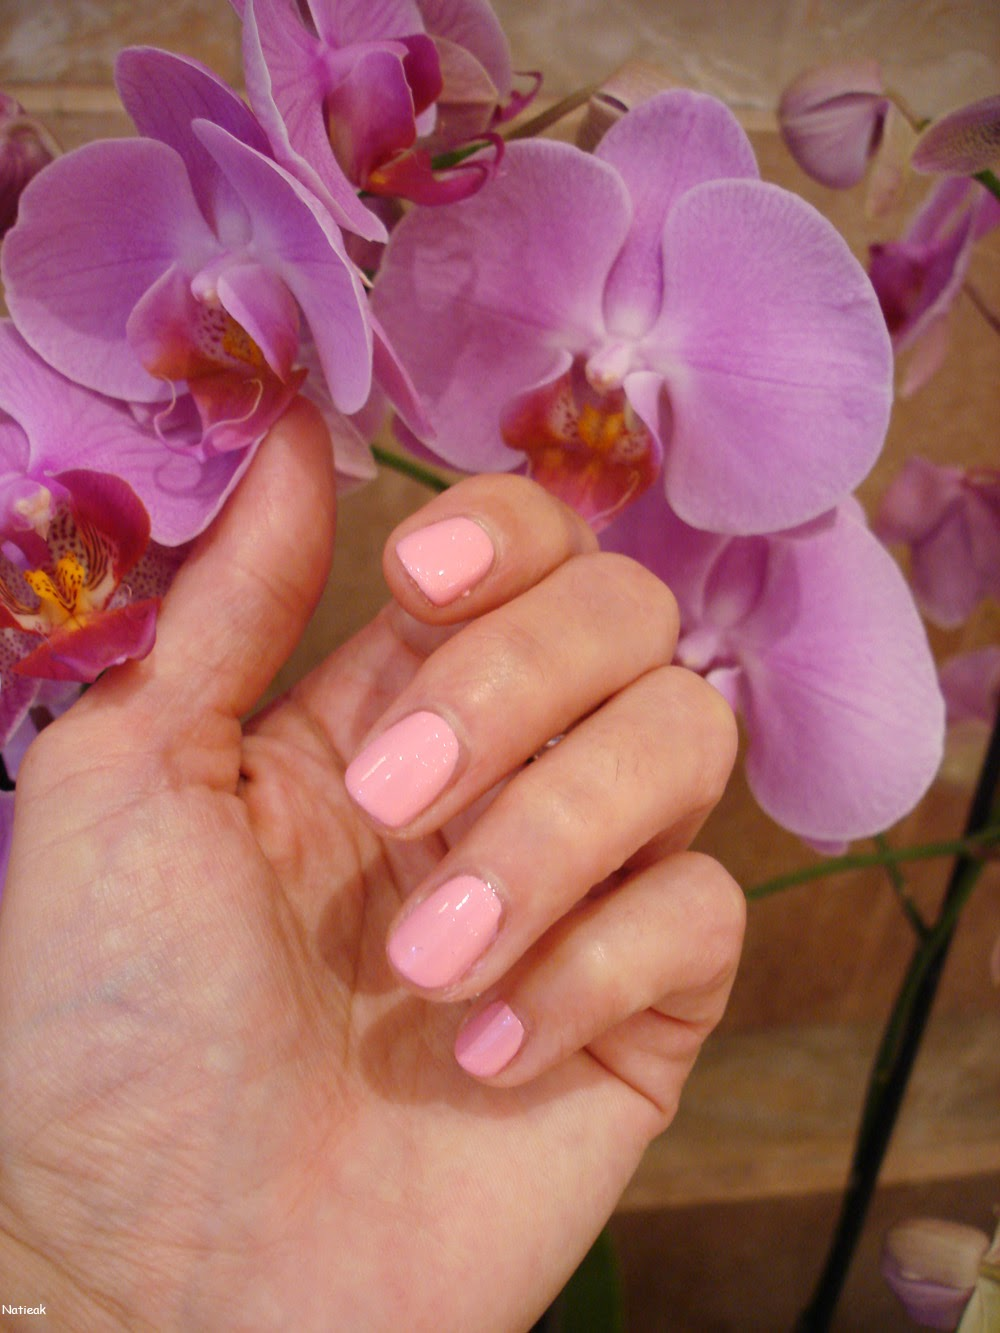 vernisà ongles rose dragée (numéro 62) de la marque Couleur caramel